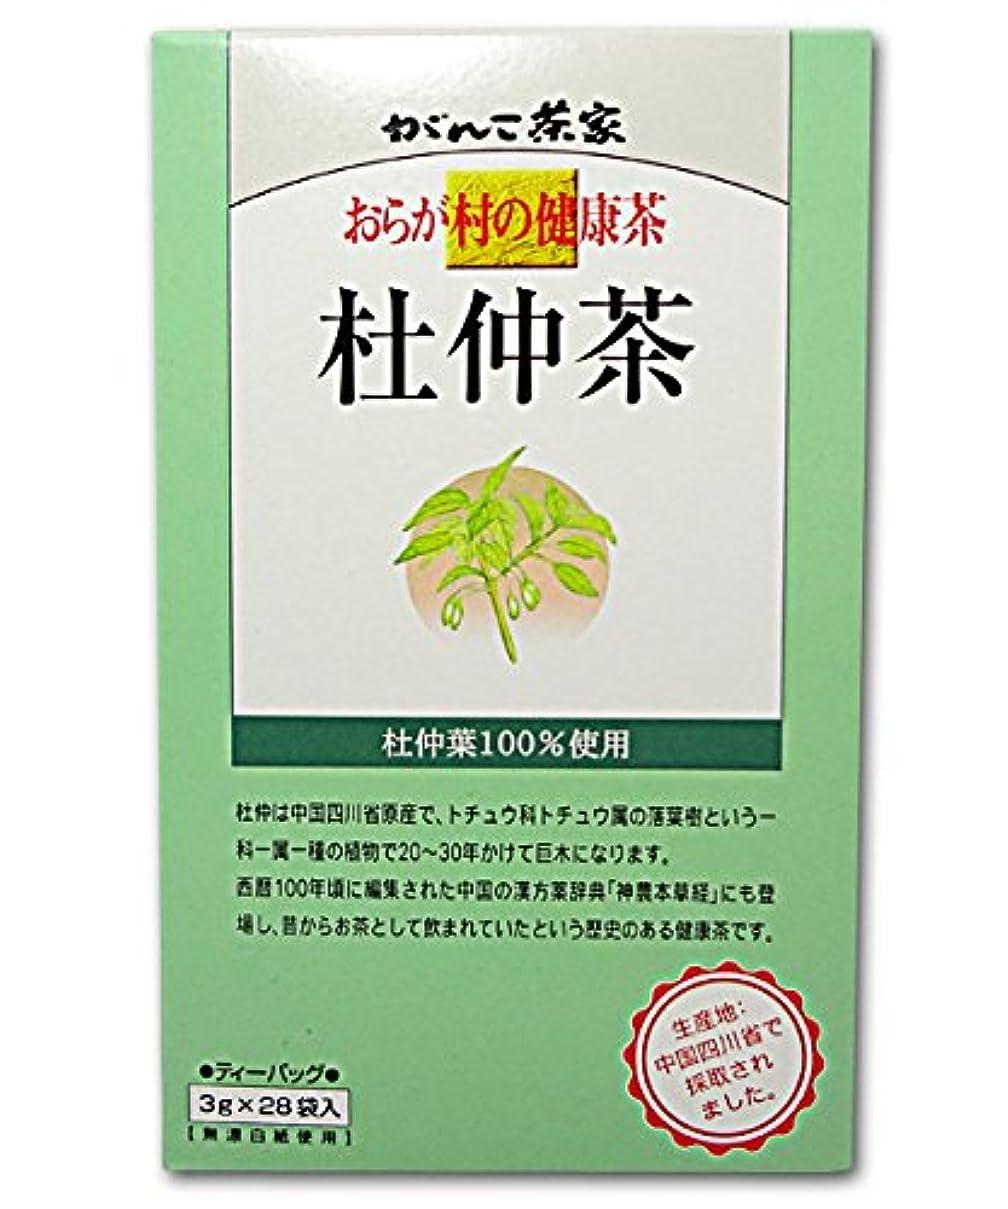 学習者り使用法がんこ茶家 おらが村の健康茶 杜仲茶 3g×28袋